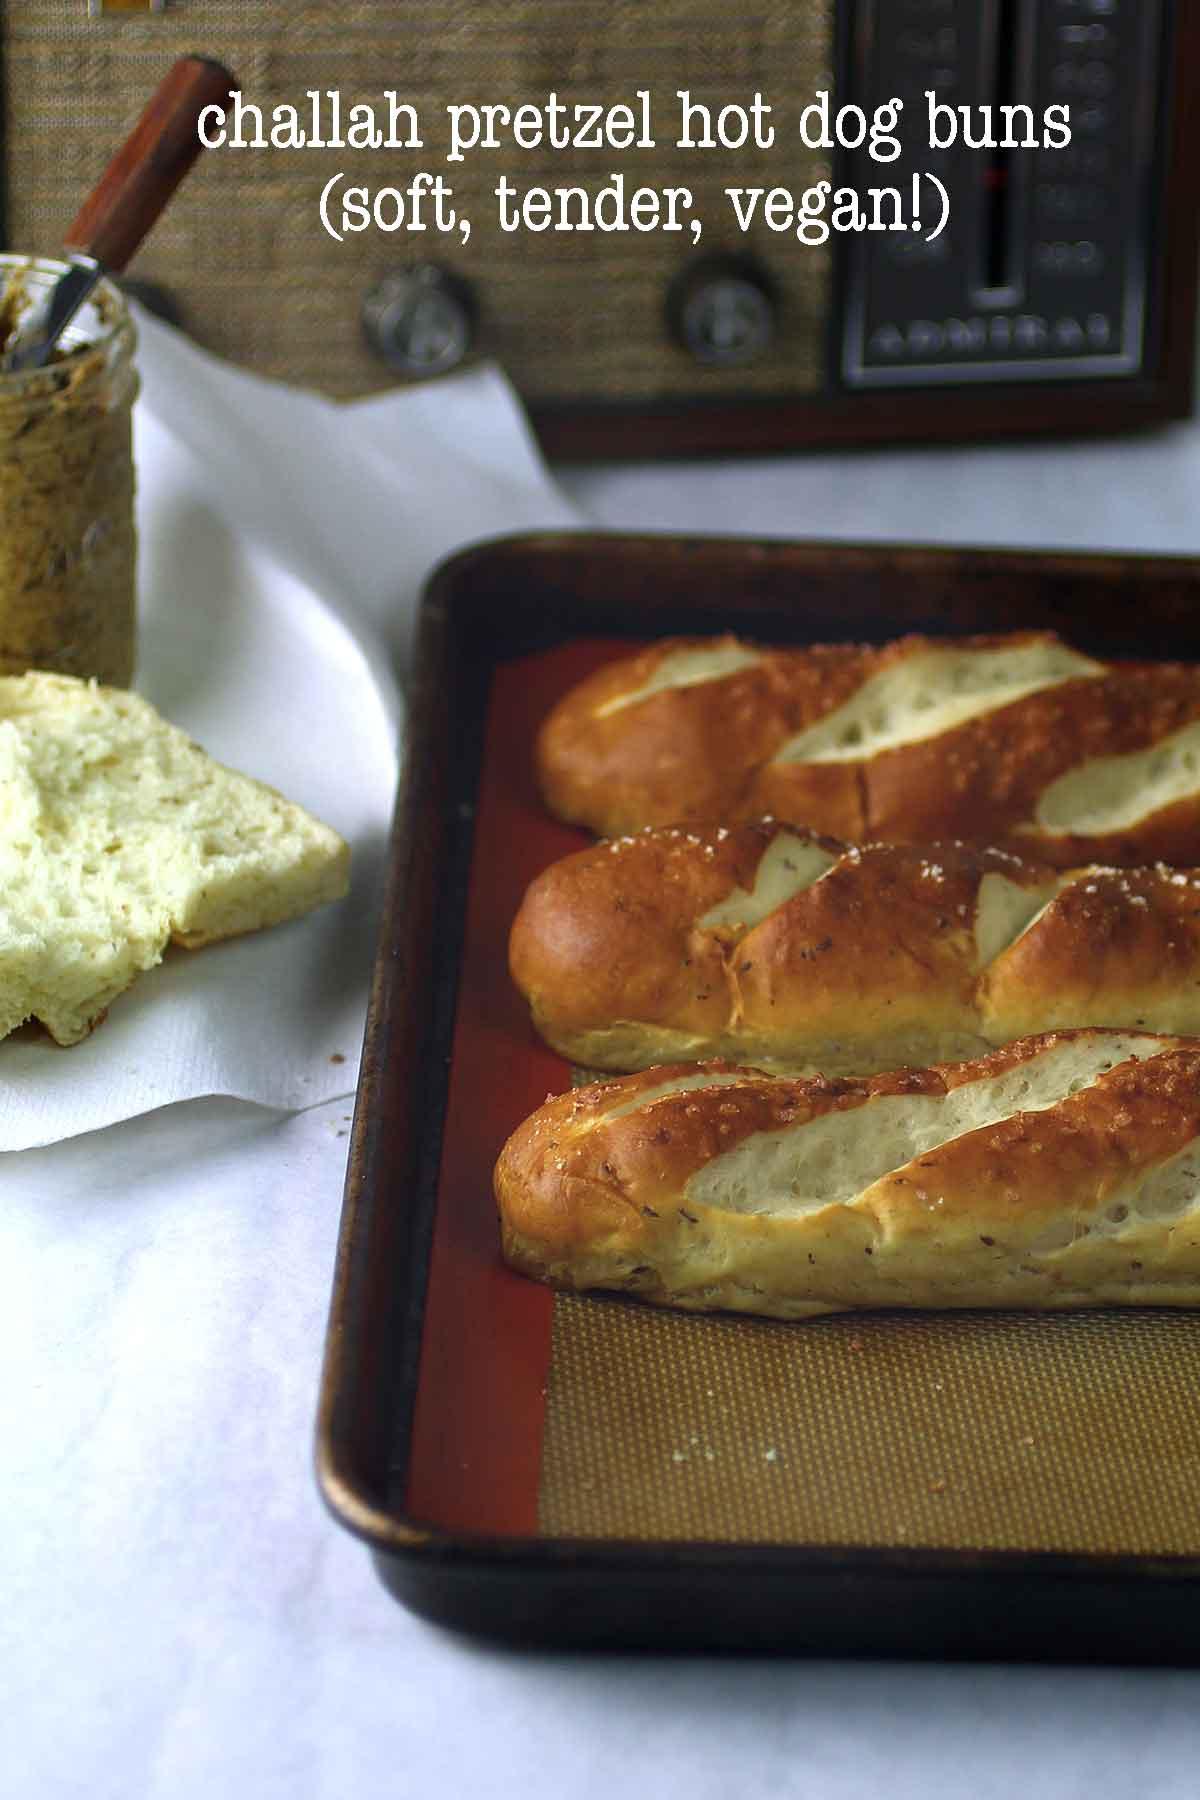 Challah Hot Dog Bun